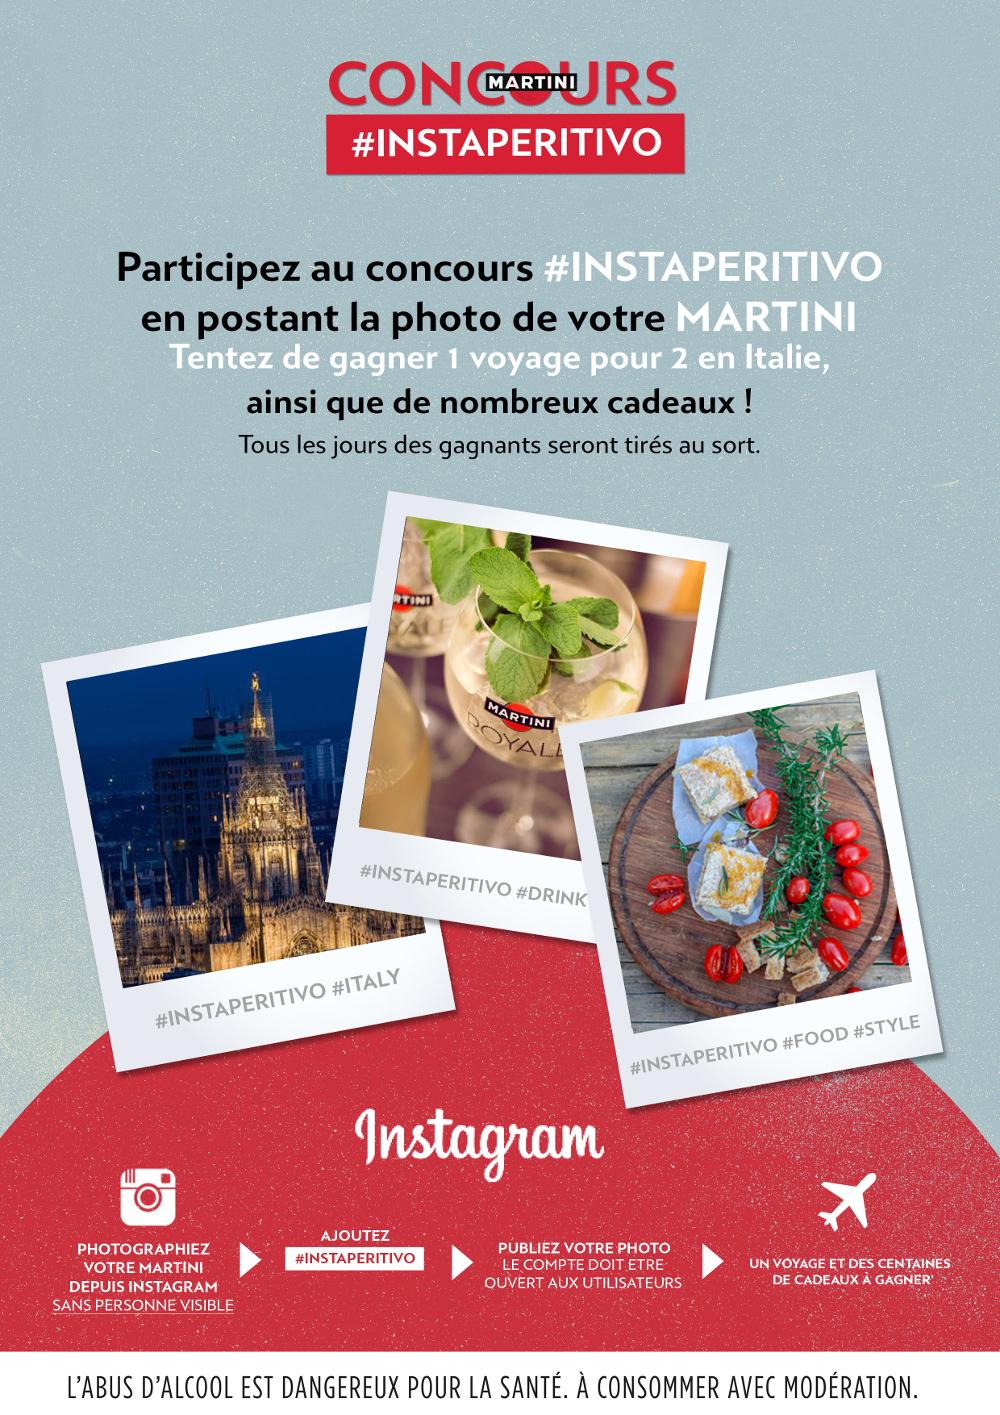 Martini relance son concours #Instaperitivo